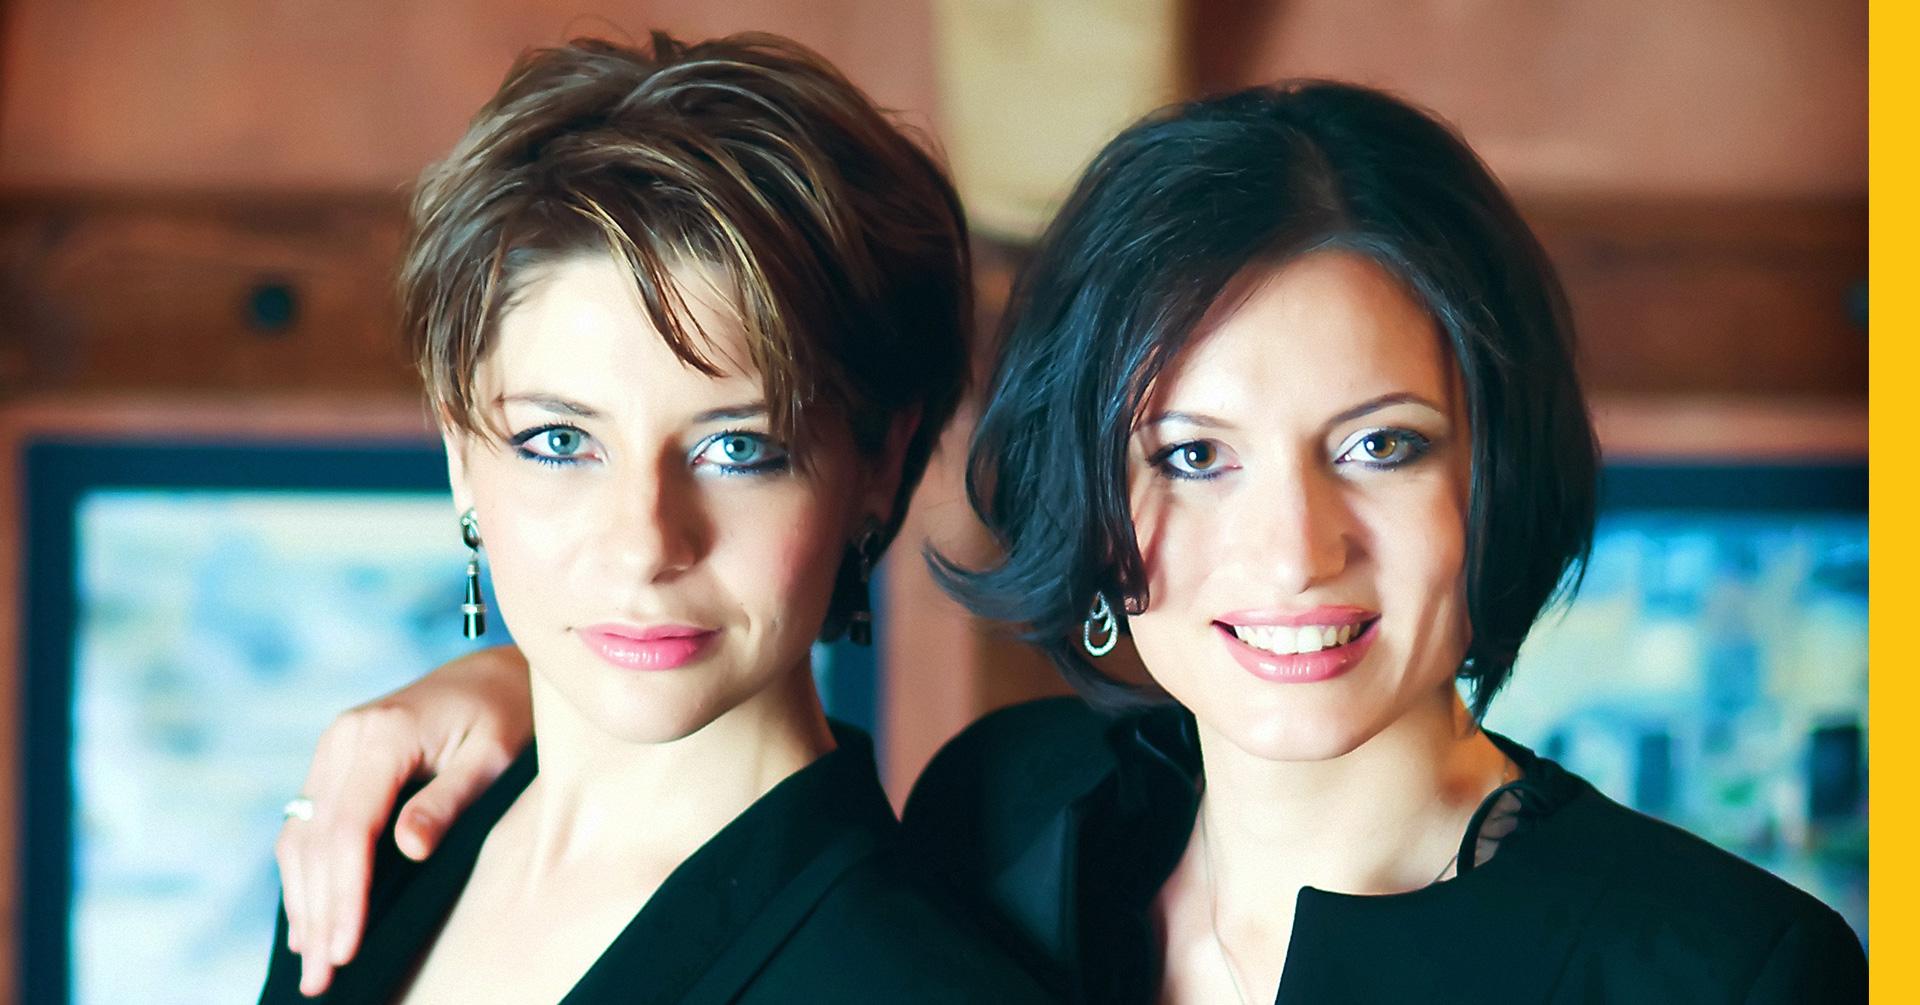 Klavierduoabend GEORGIEVA & GULZAROVA